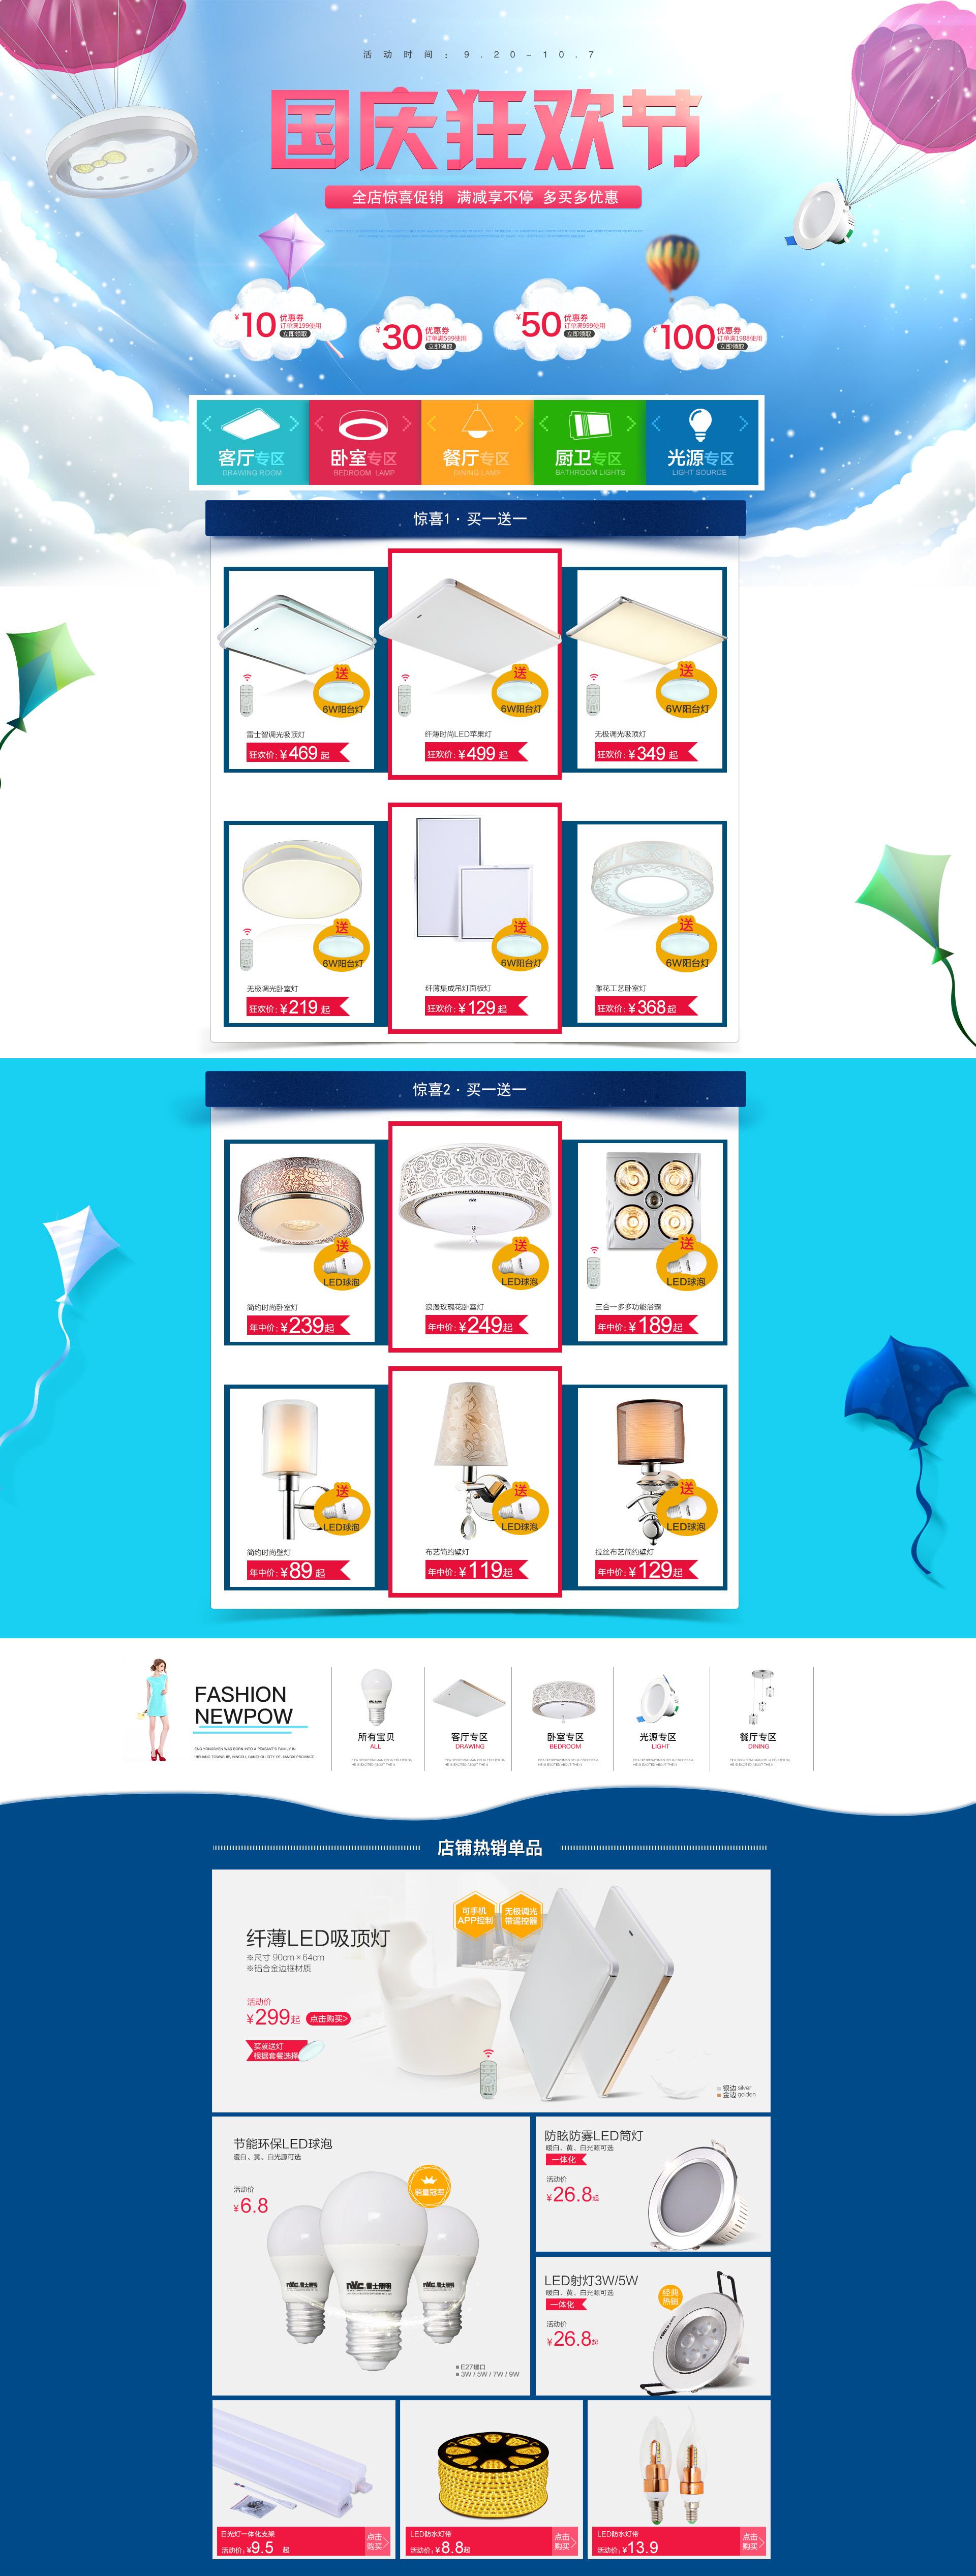 国庆狂欢节 促销海报 节日海报 灯具 首页促销 排版图片